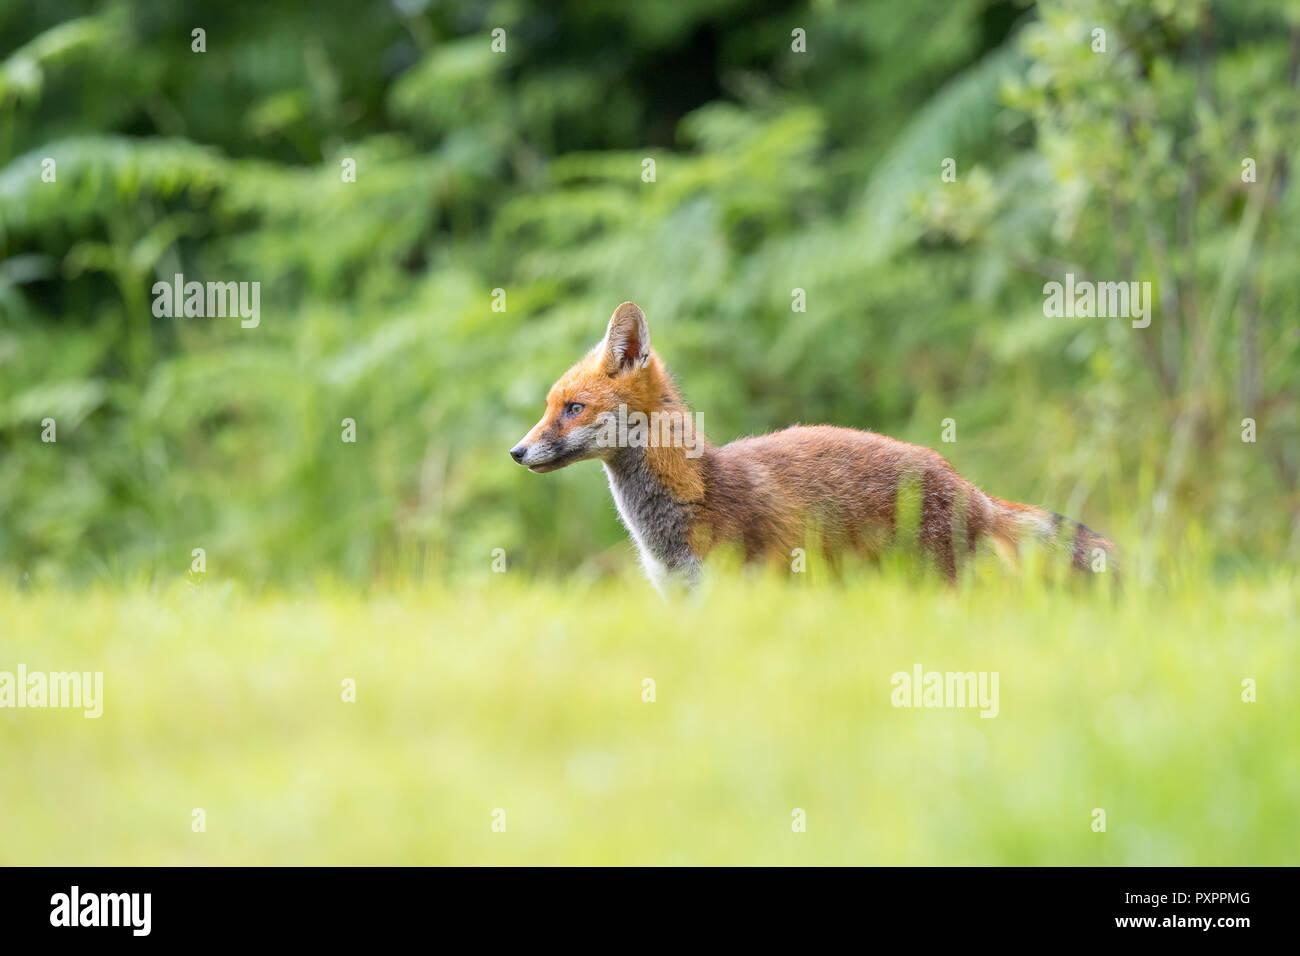 , Nahaufnahme Seitenansicht der Young British Red Fox (Vulpes vulpes) in den Wilden, allein im langen Gras, mit natürlichen UK woodland Hintergrund beschrieben. Stockbild